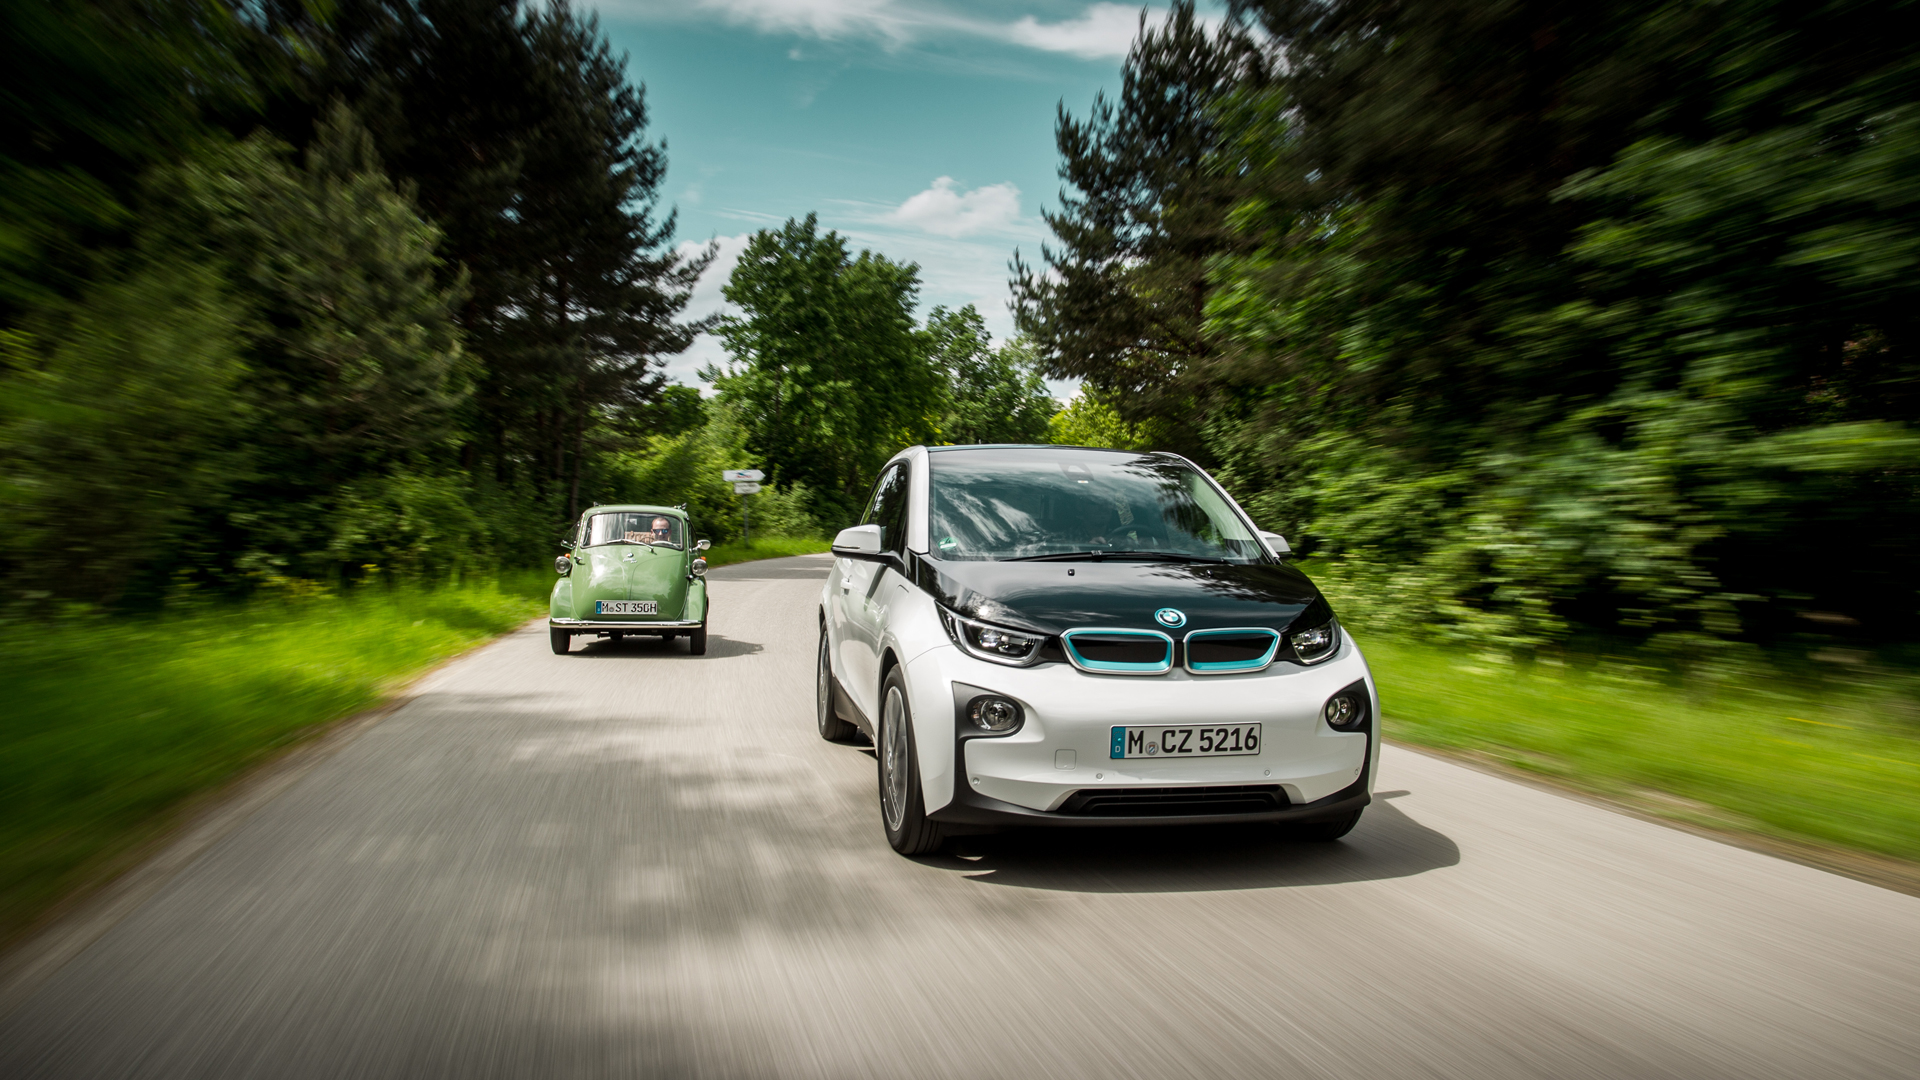 Самые маленькие BMW из прошлого и будущего. Фото 9